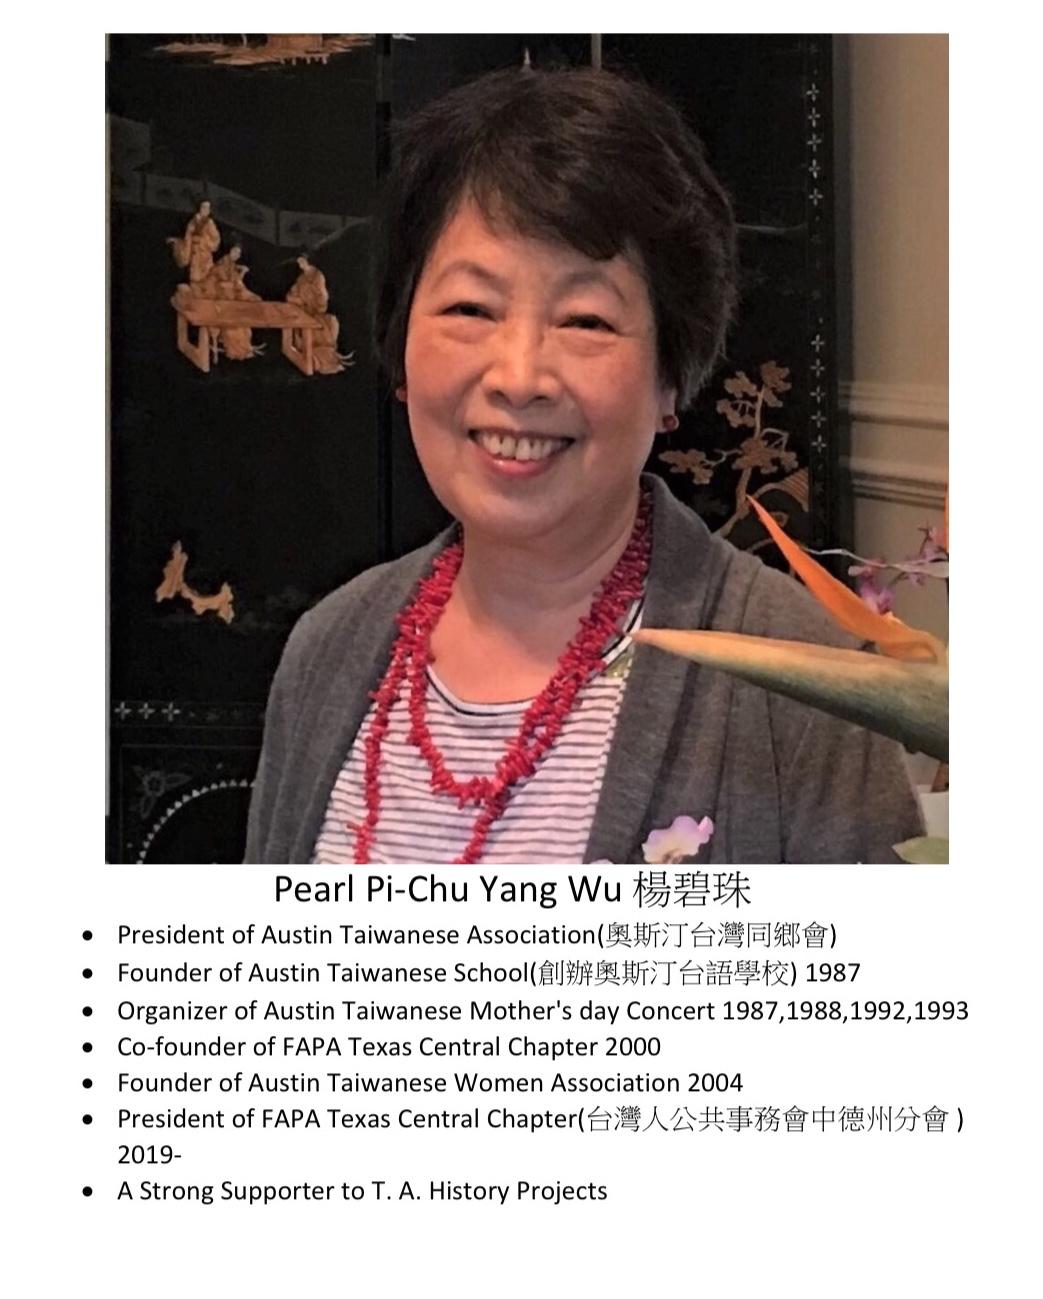 278. Pearl Pi-Chu Yang Wu 楊碧珠